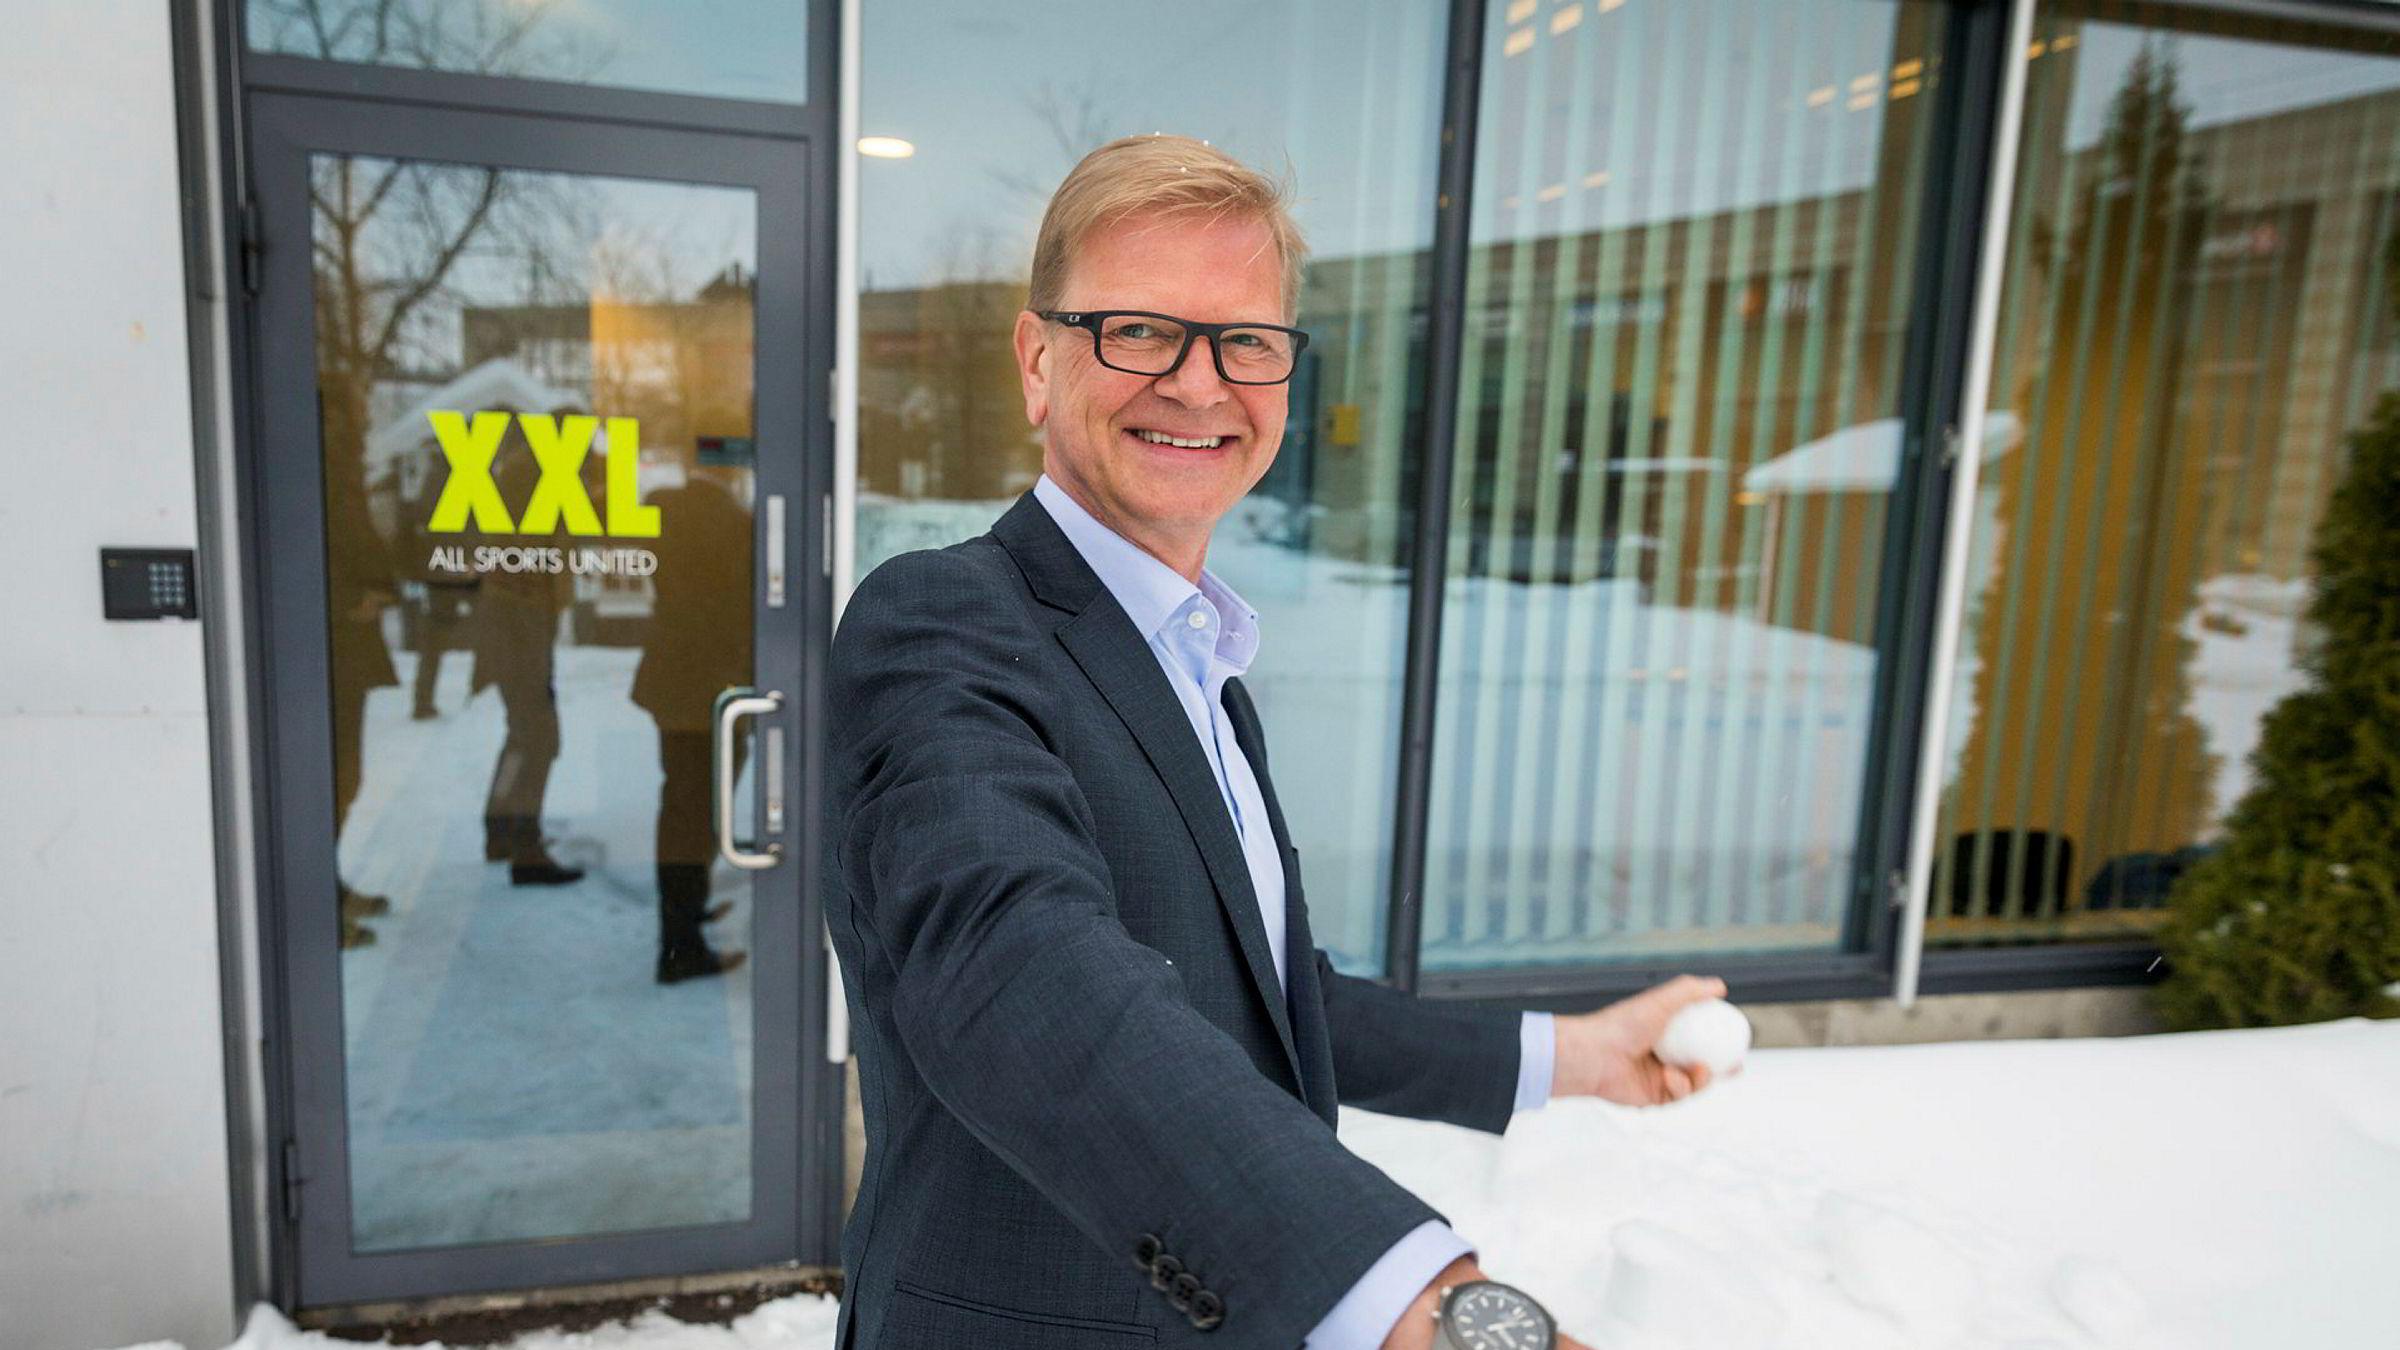 XXL-sjef Fredrik Steenbuch